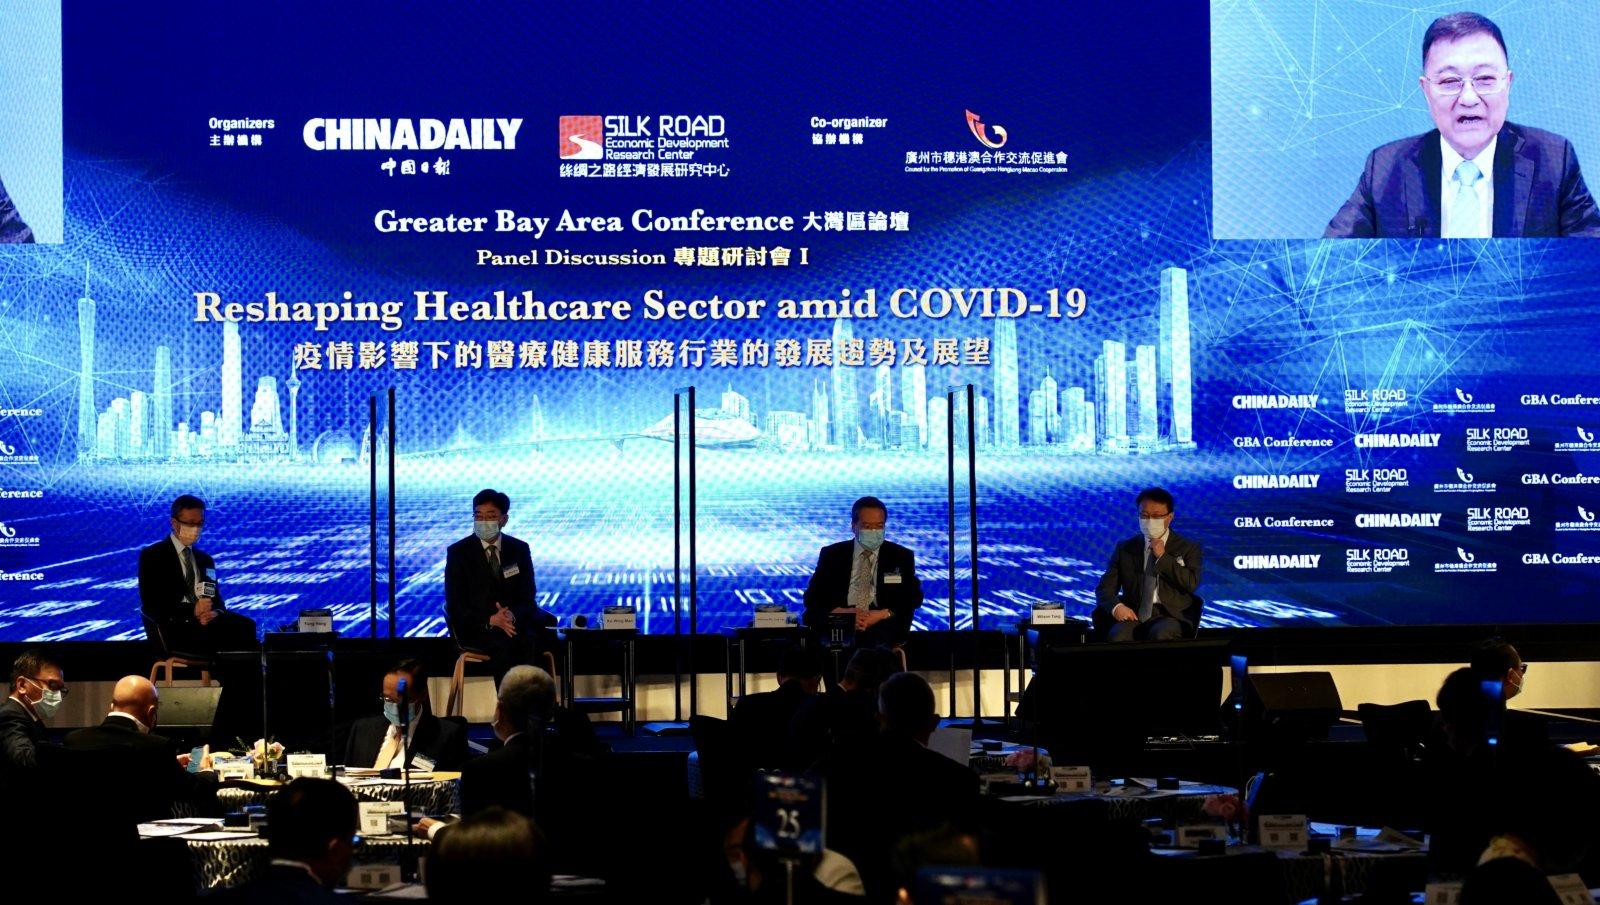 首場專題研討會圍繞主題「疫情影響下的醫療健康服務行業的發展趨勢及展望」展開討論。(大公文匯全媒體記者 攝)